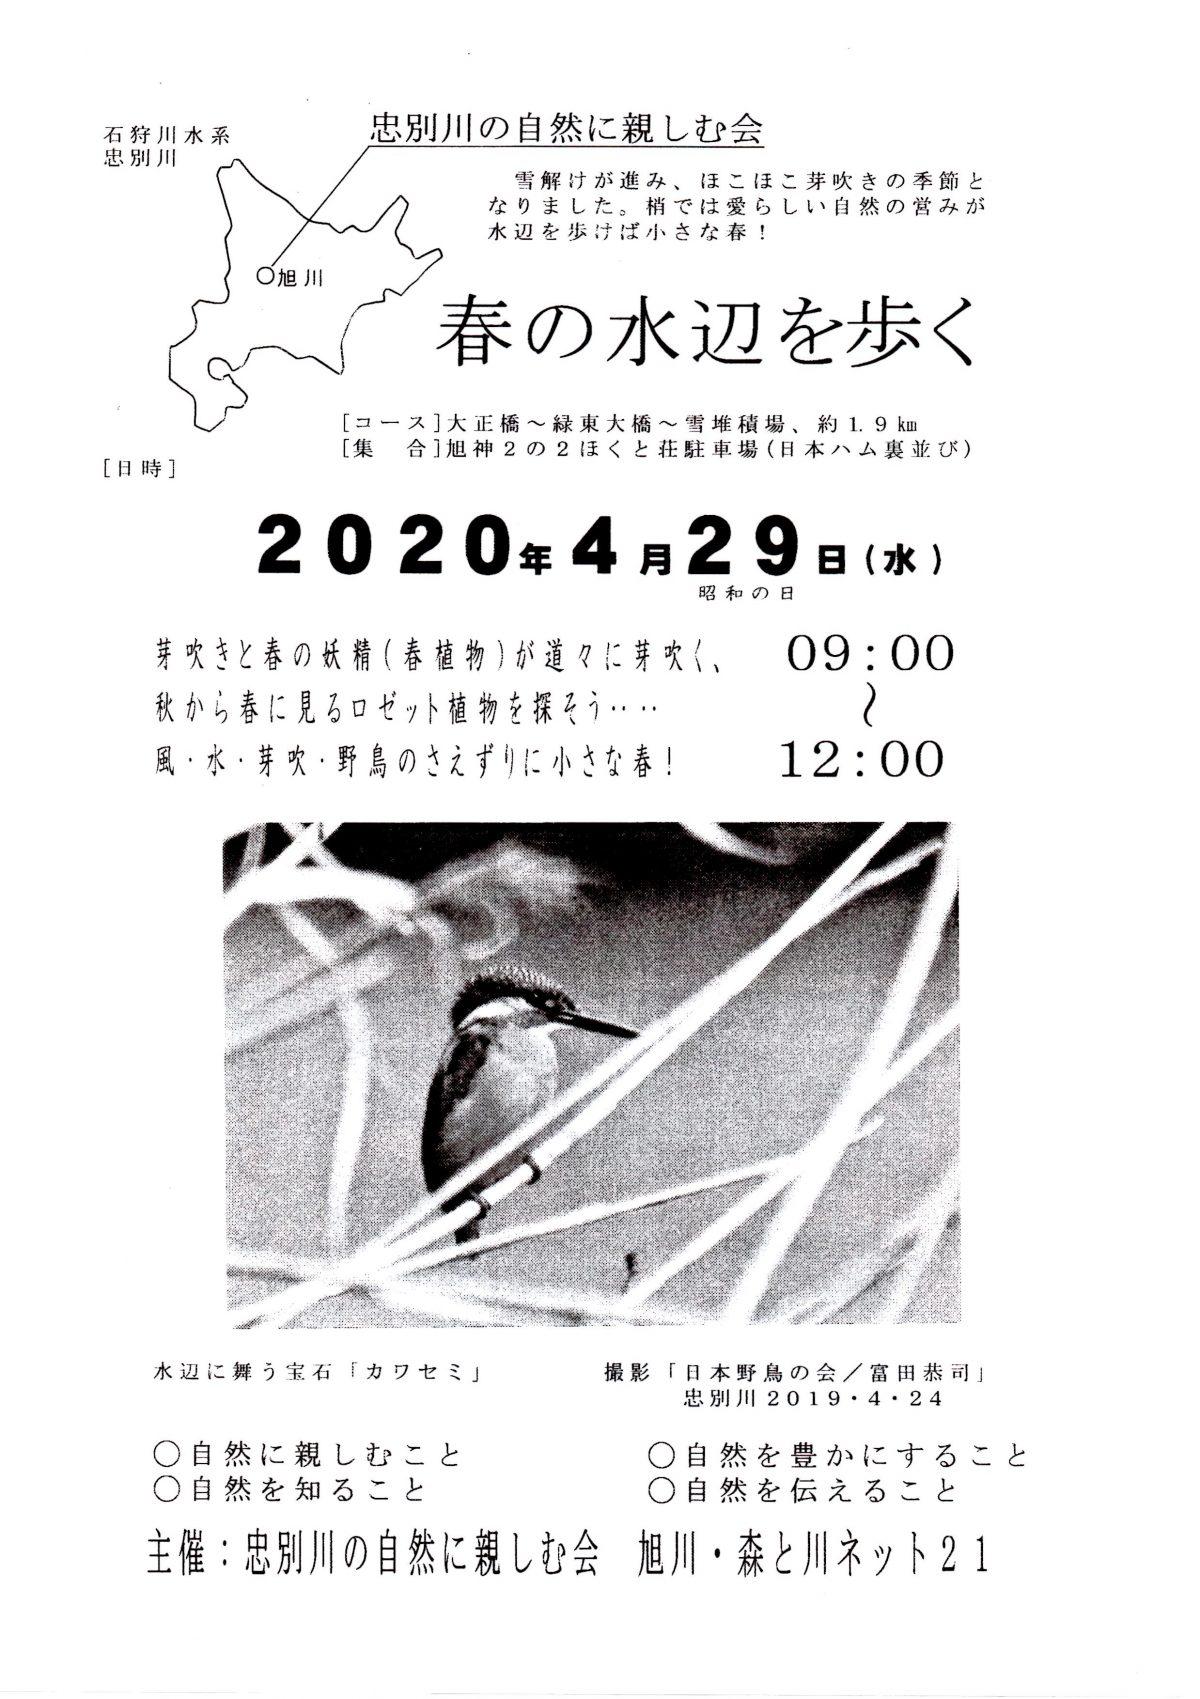 2020年4月29日 春の水辺を歩く 主催:忠別川の自然に親しむ会 旭川・森と川ネット21